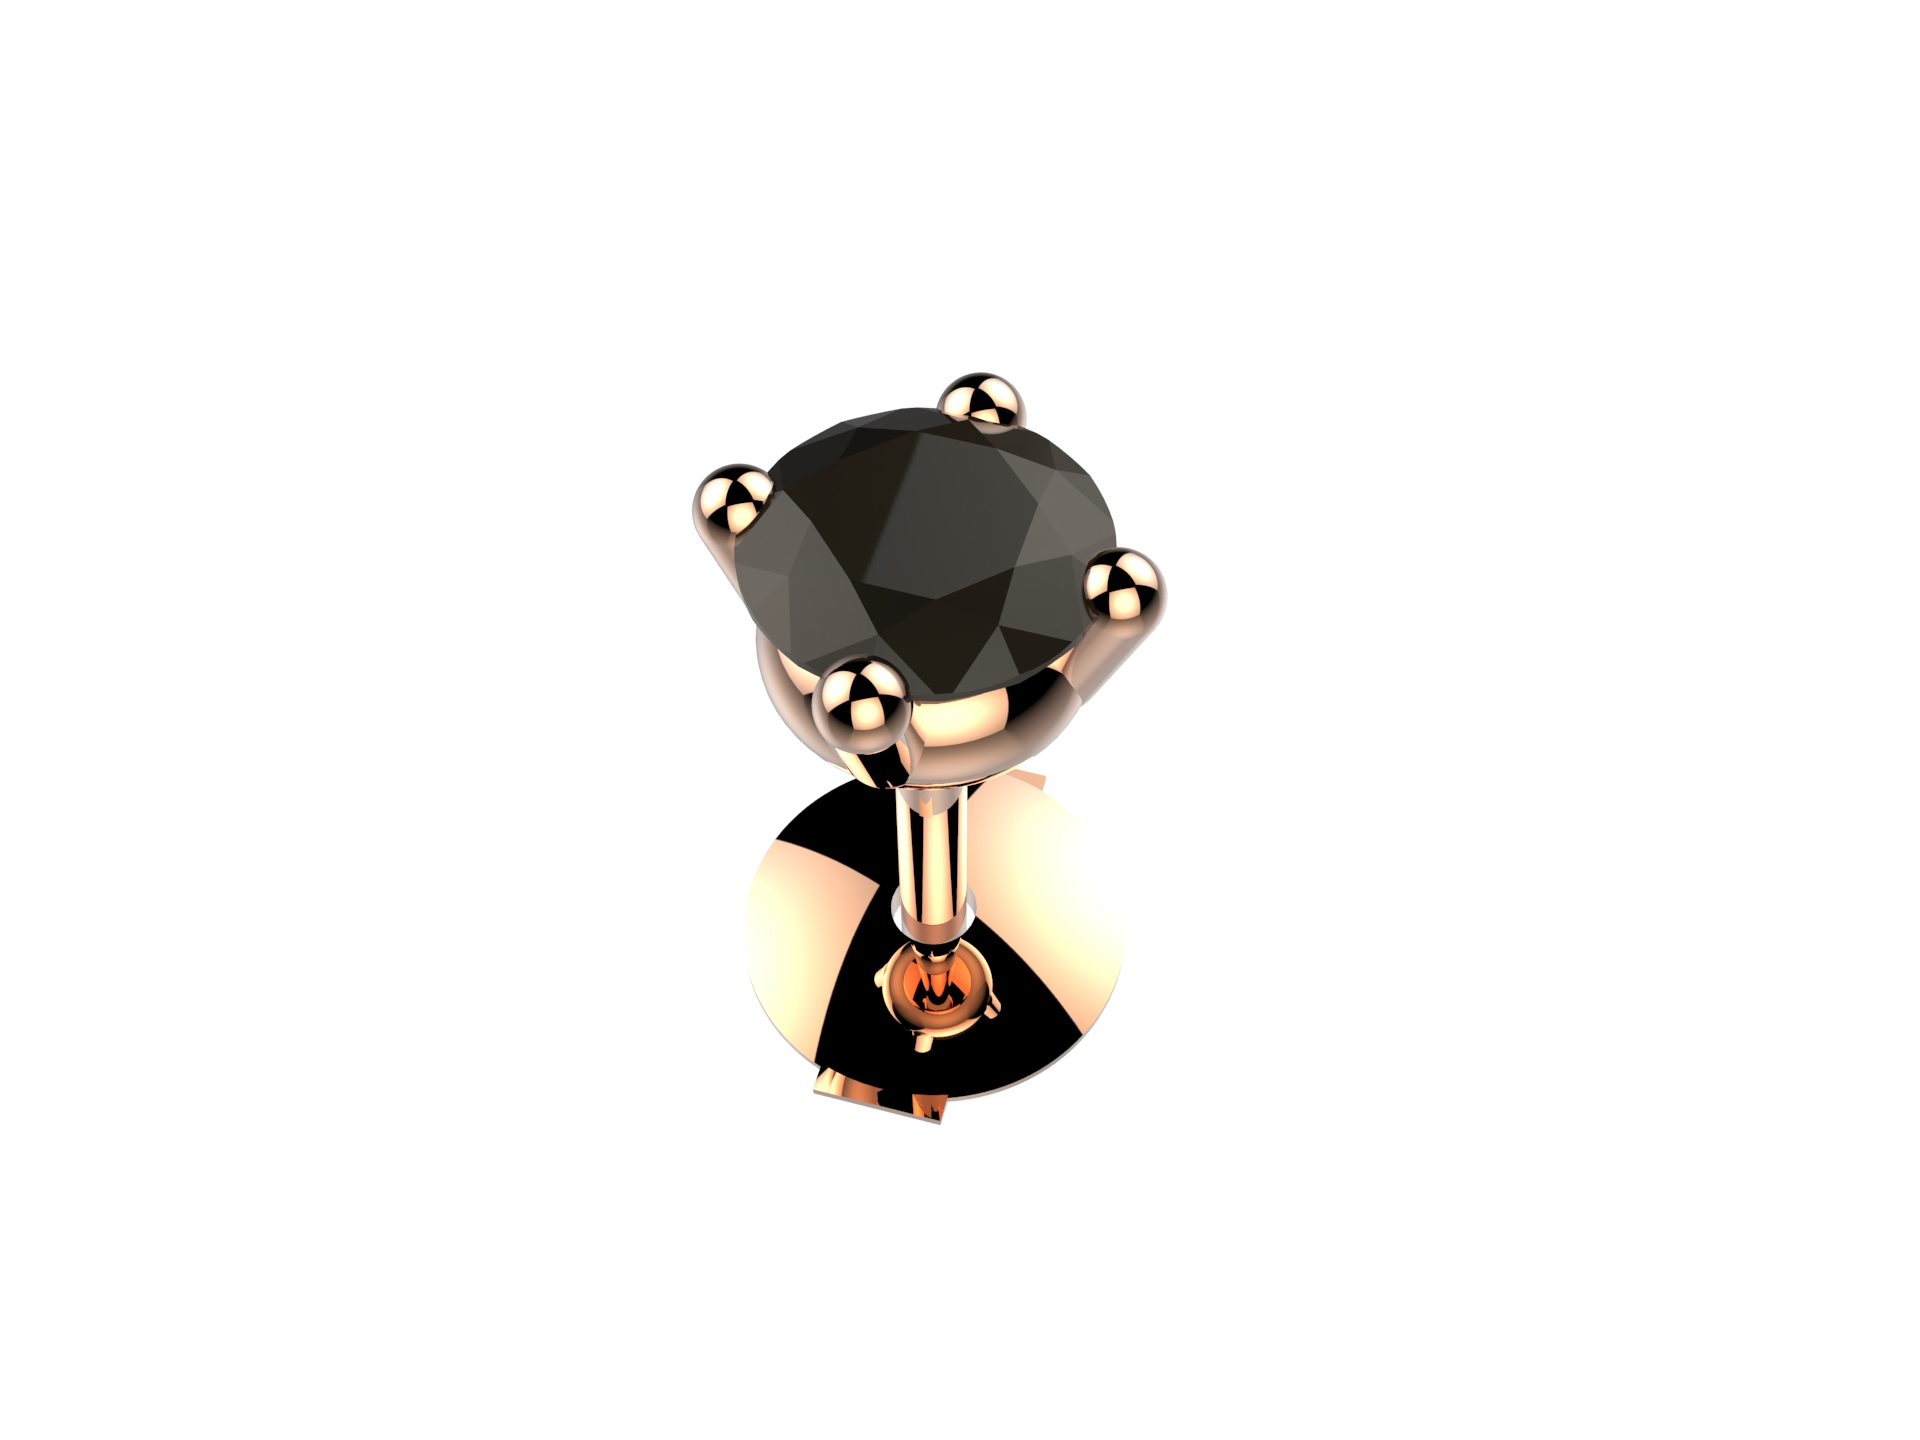 Boucle d'oreille diam noir 740 €